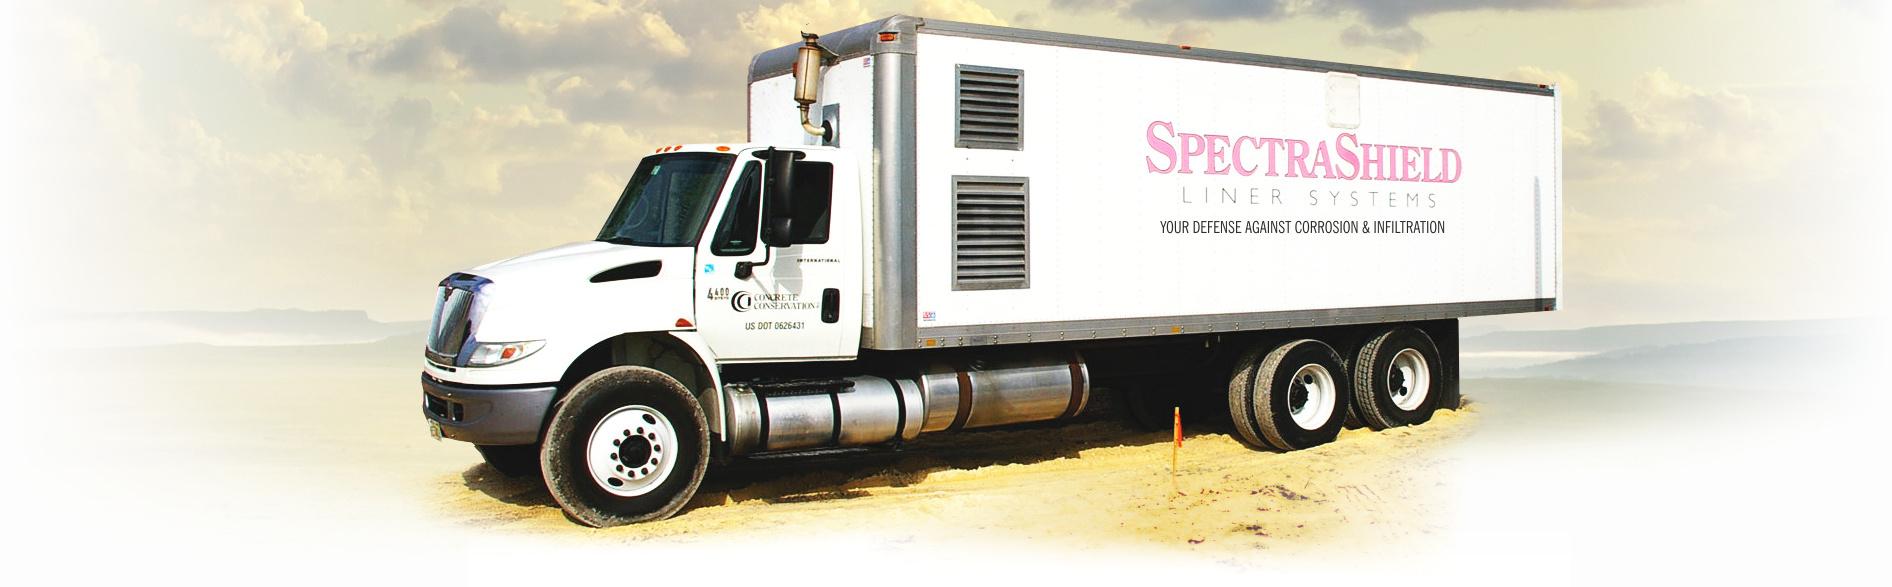 SpectraShield truck